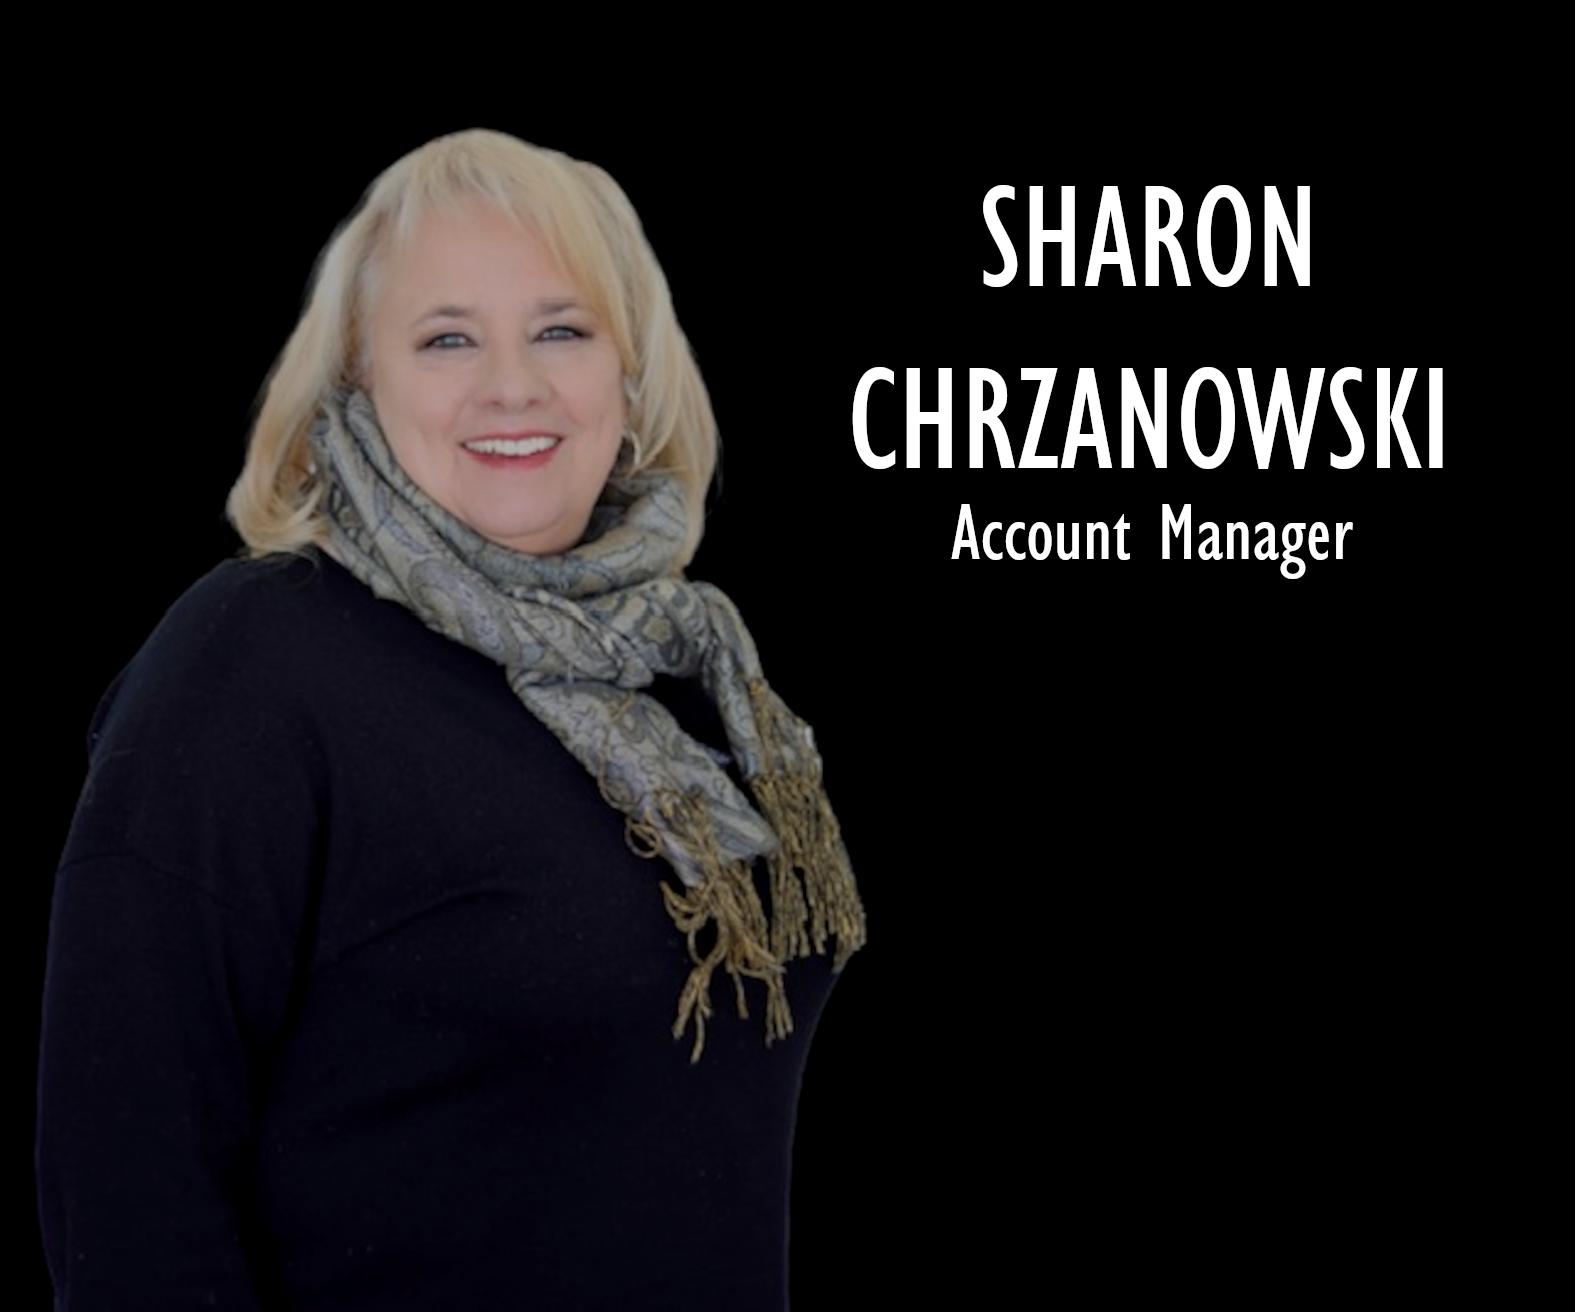 Sharon Chrzanowski